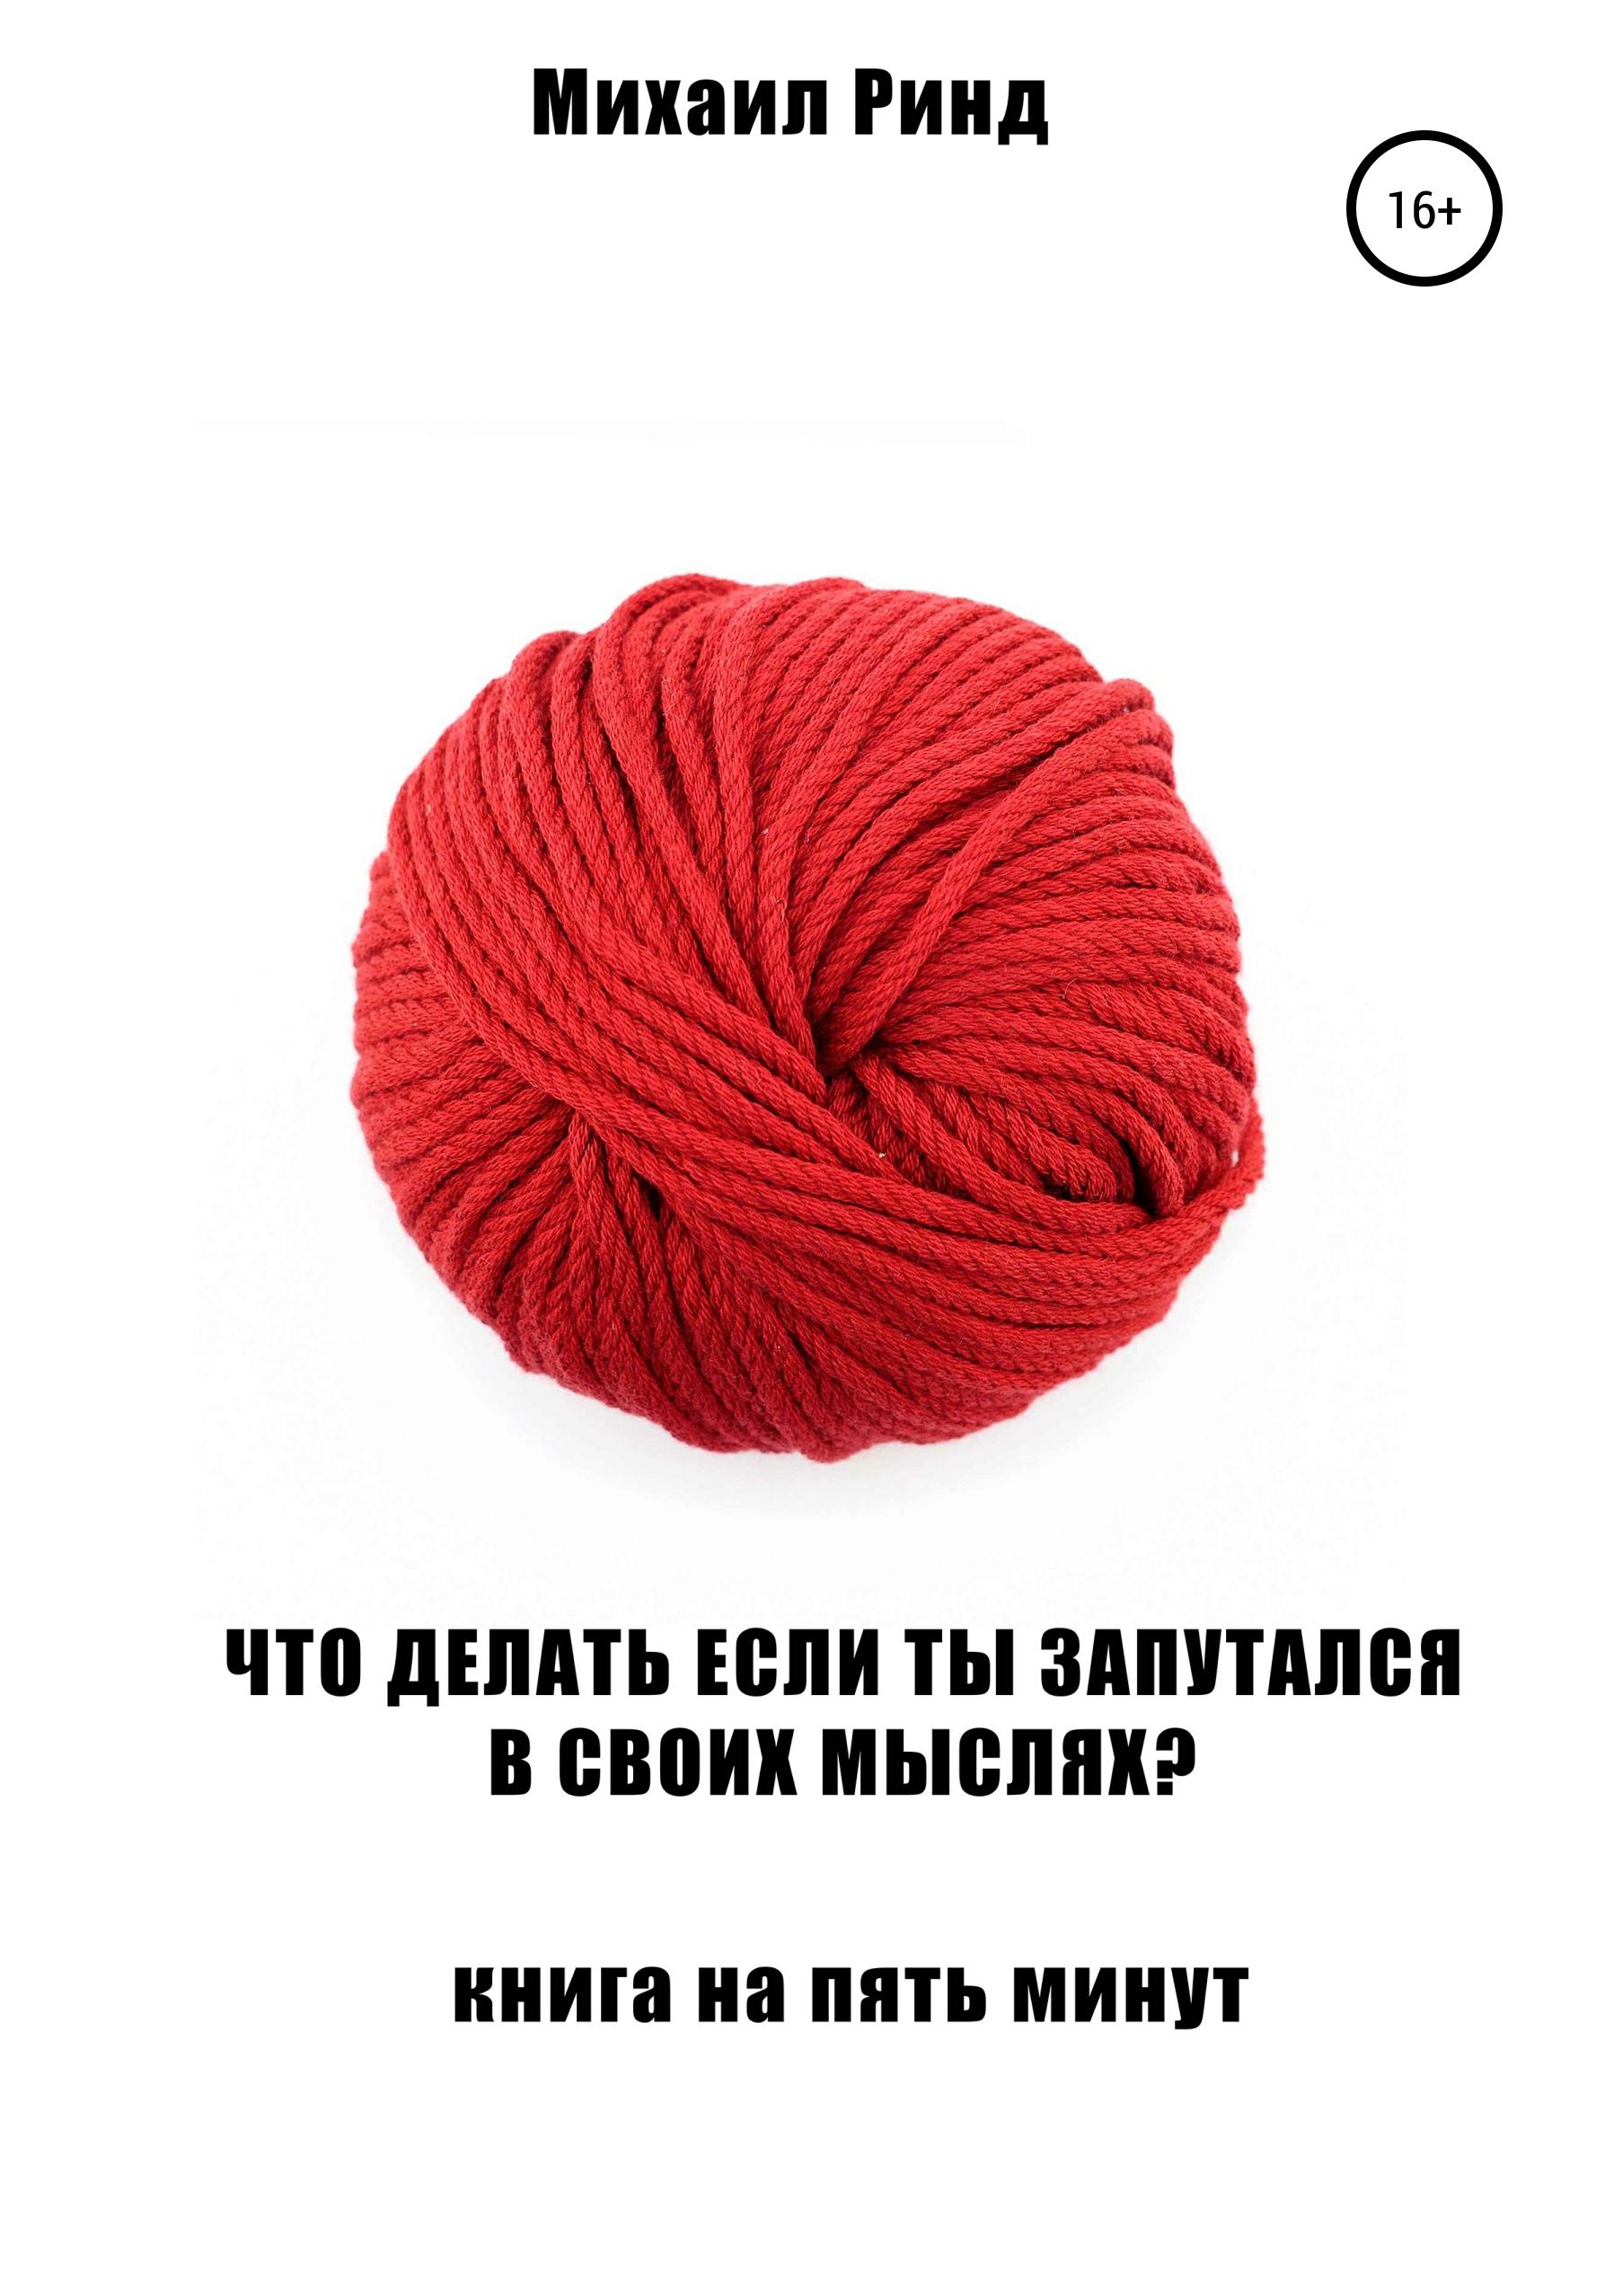 Михаил Ринд, Книга Что делать, если ты запутался в своих ...  Запутался в Мыслях